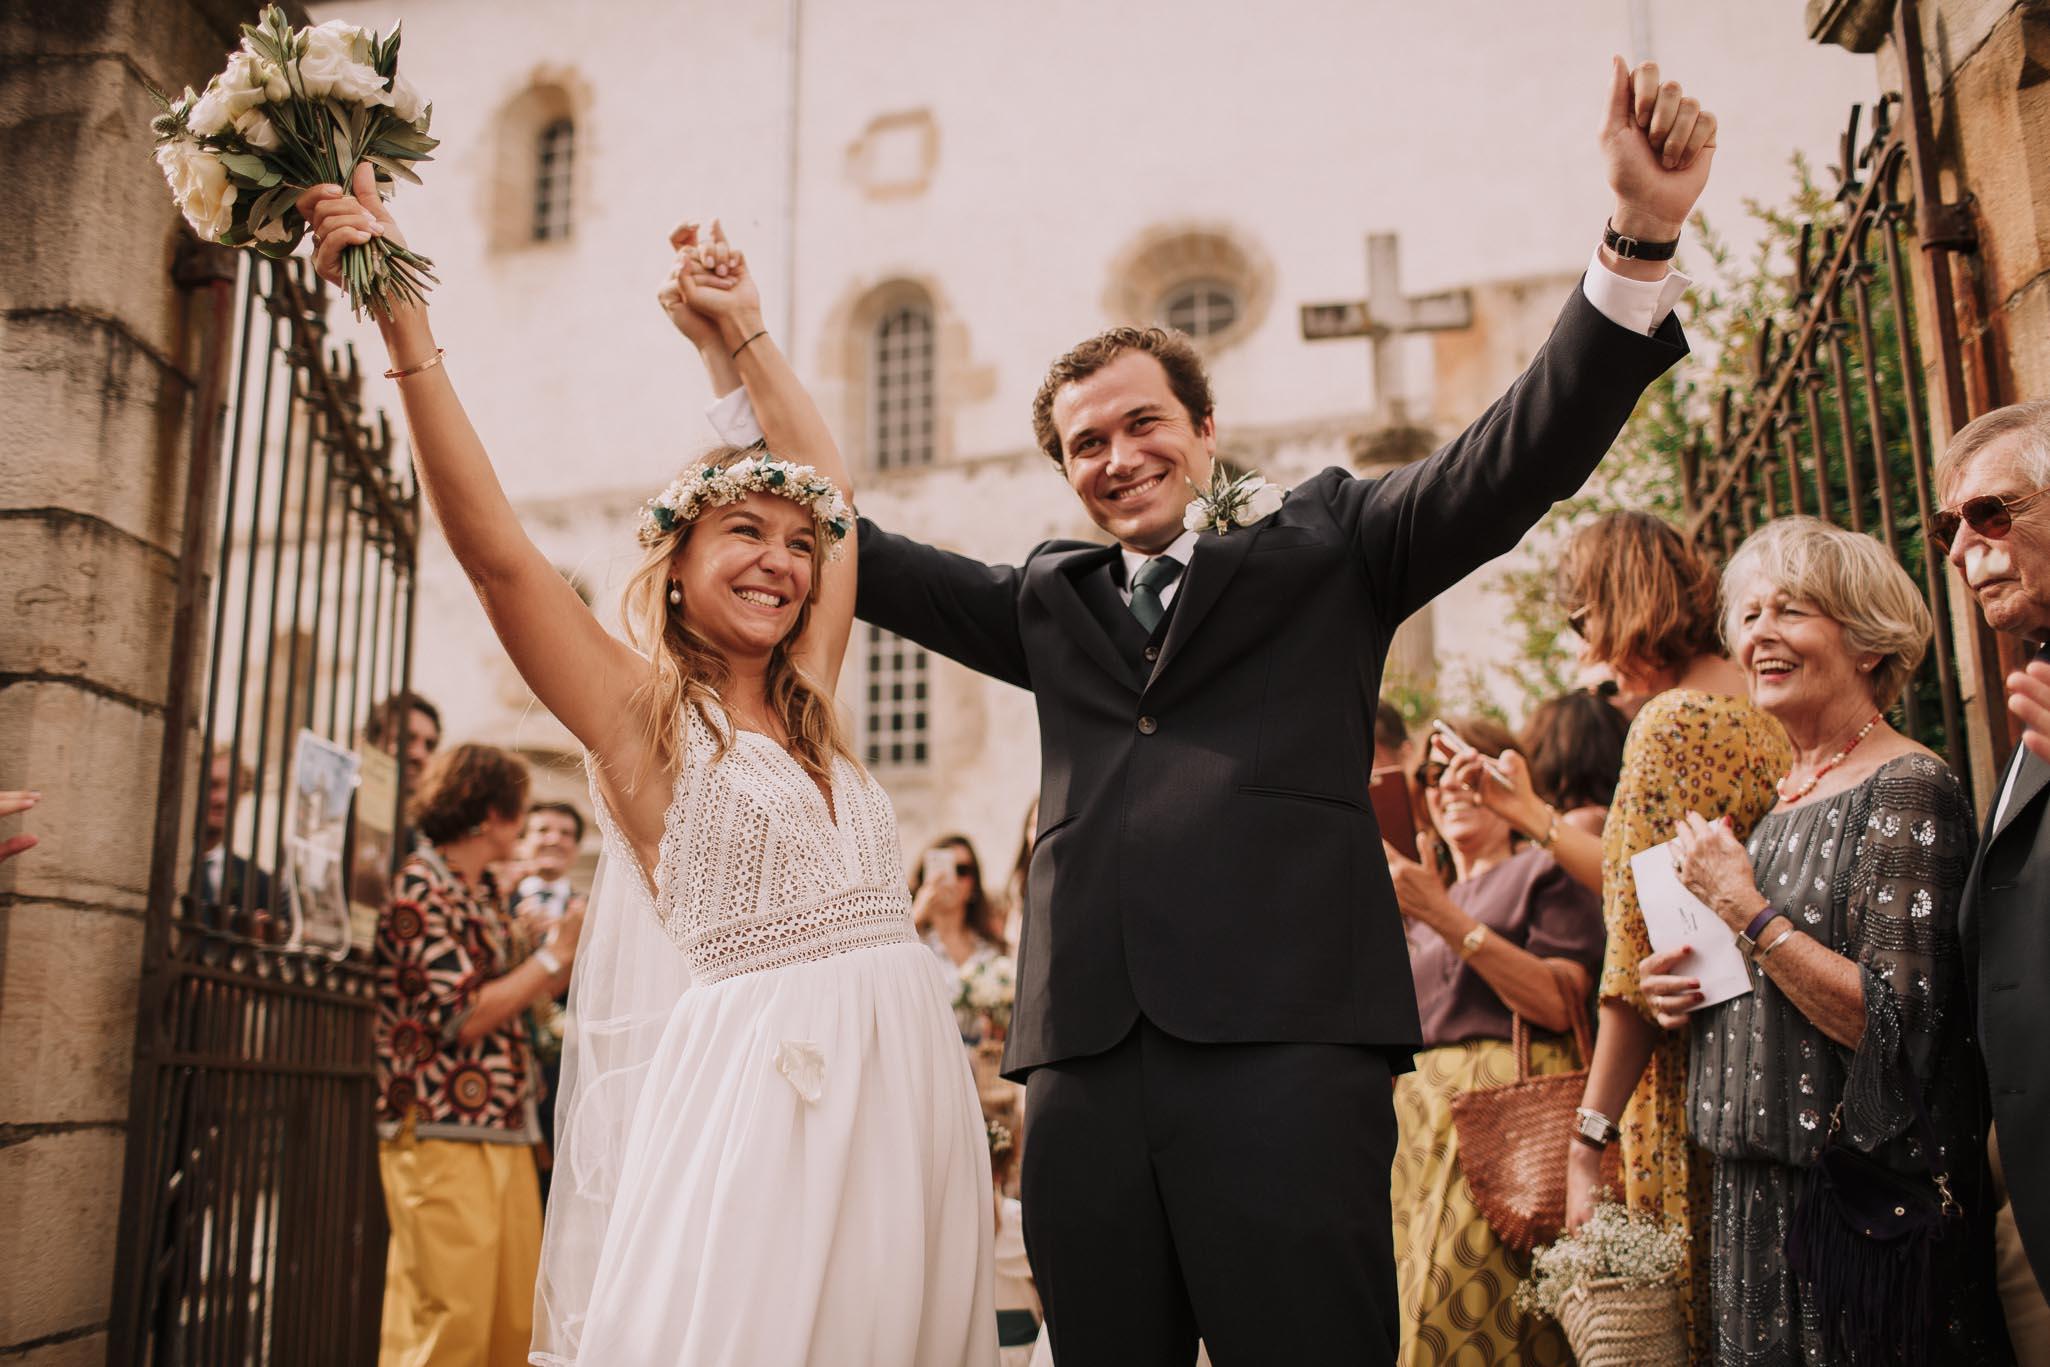 Photographe-mariage-bordeaux-jeremy-boyer-pays-basque-ihartze-artea-sare-robe-eleonore-pauc-couple-amour-81.jpg